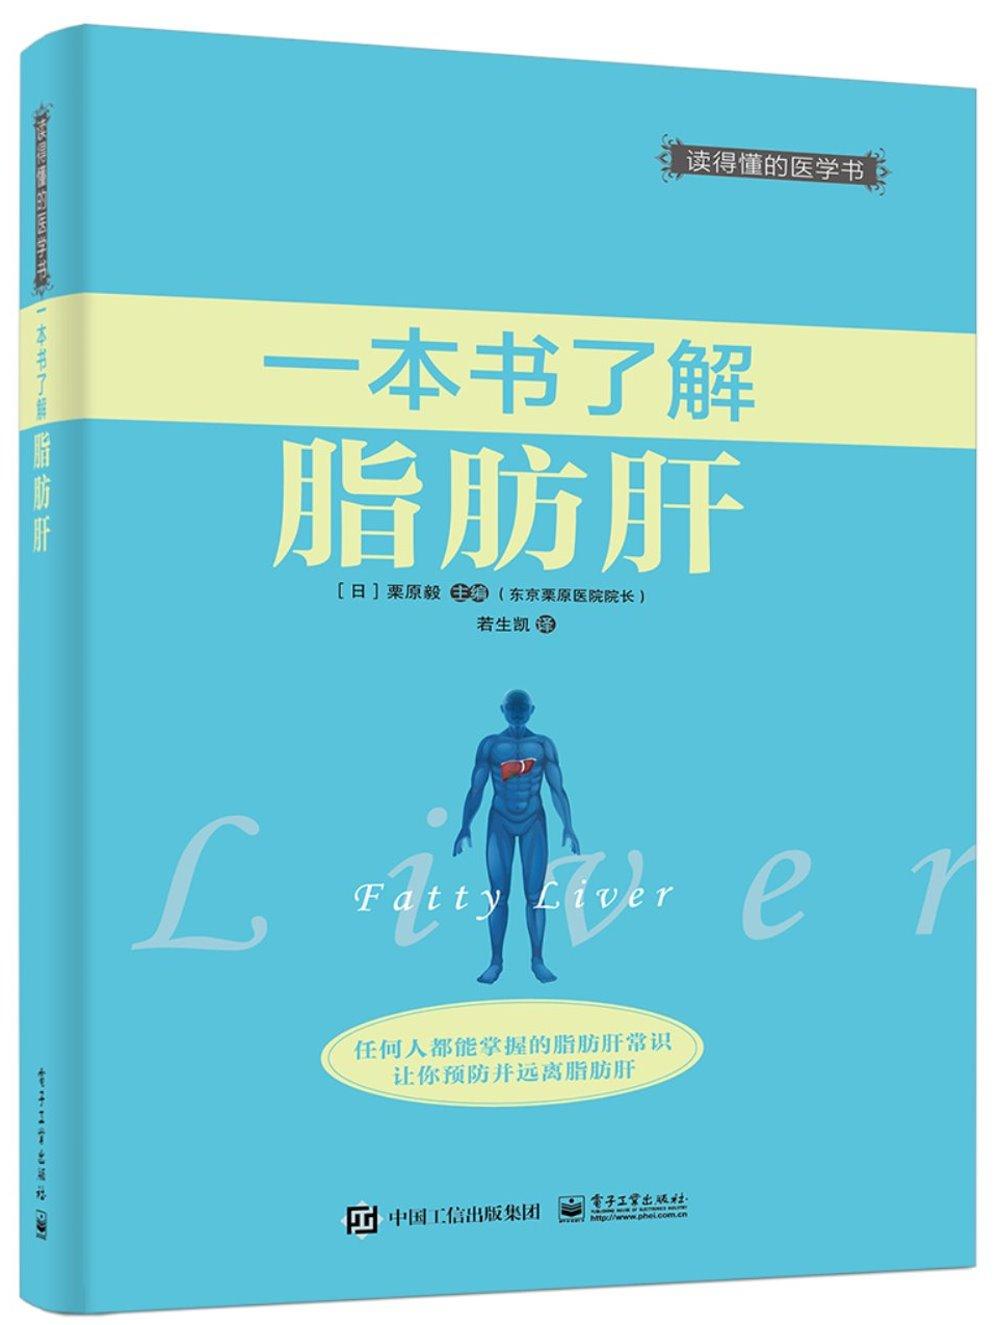 一本書了解脂肪肝